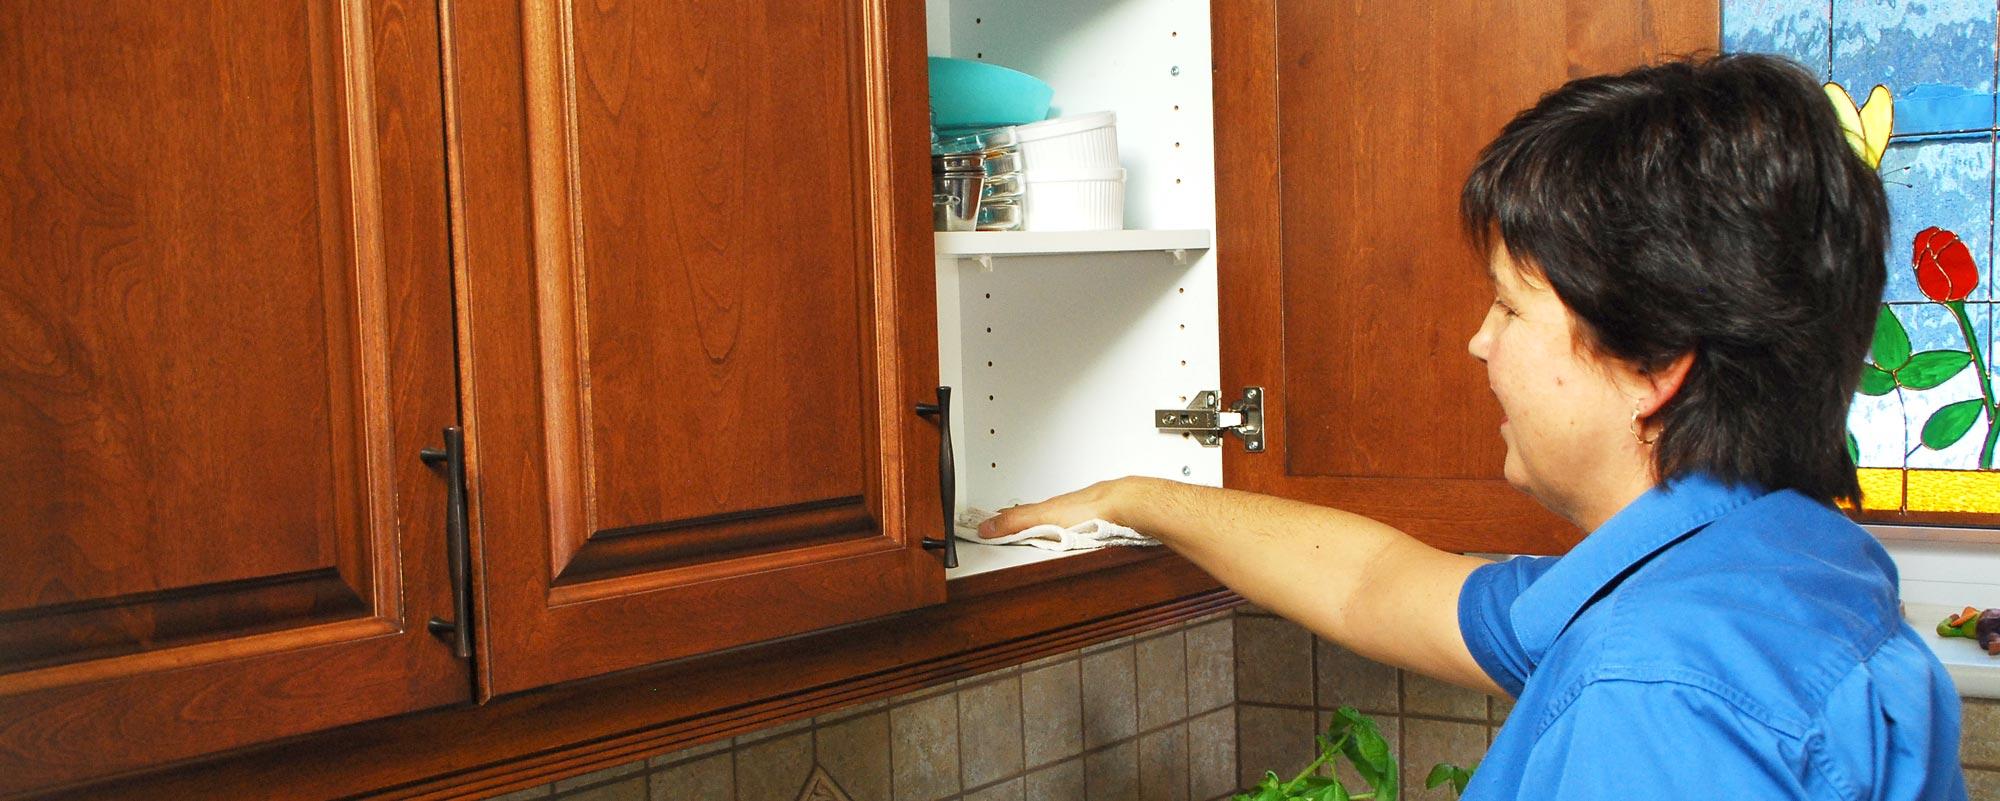 Services - nettoyage des armoires